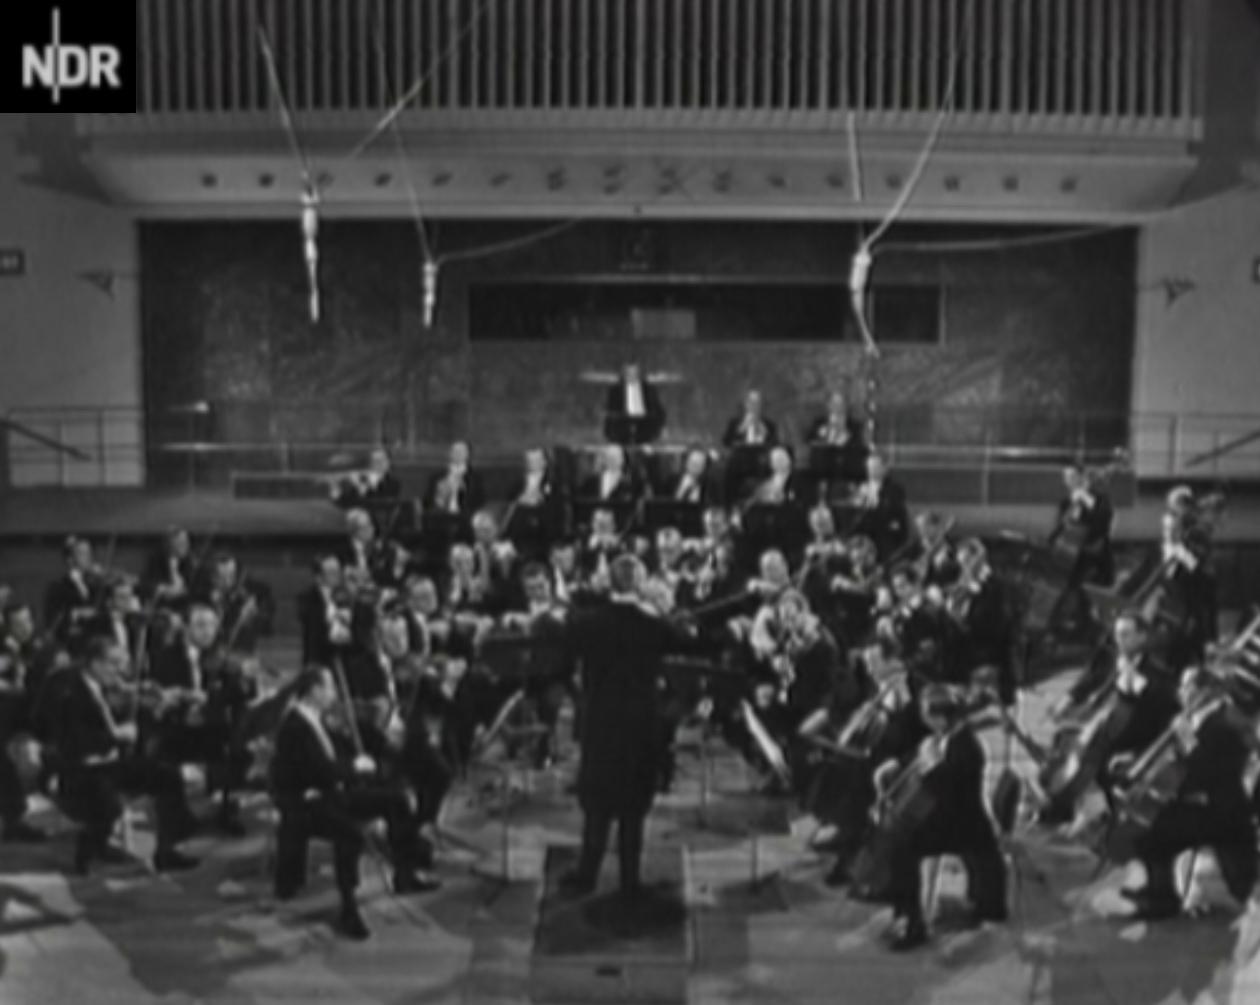 Hans SCHMIDT-ISSERSTEDT dans les années 1960 dirigeant l'Orchestre Symphonique de la NDR